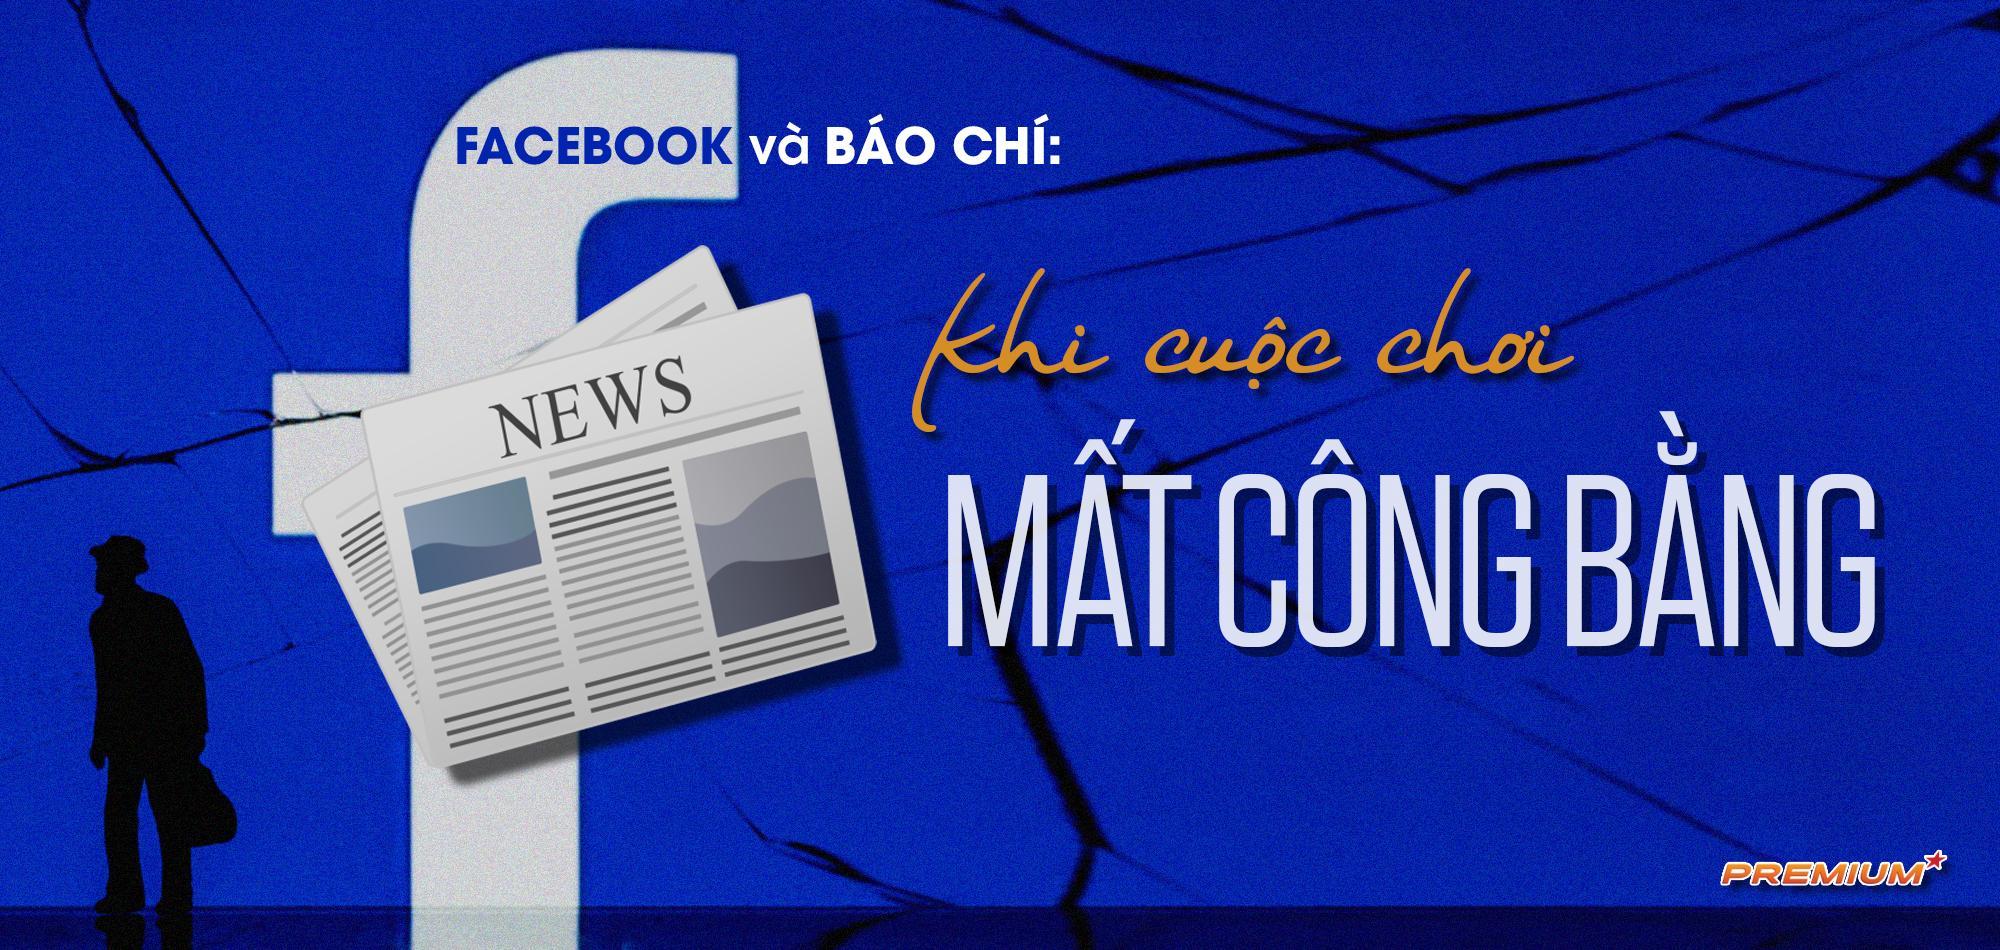 Facebook và báo chí: Khi cuộc chơi mất công bằng